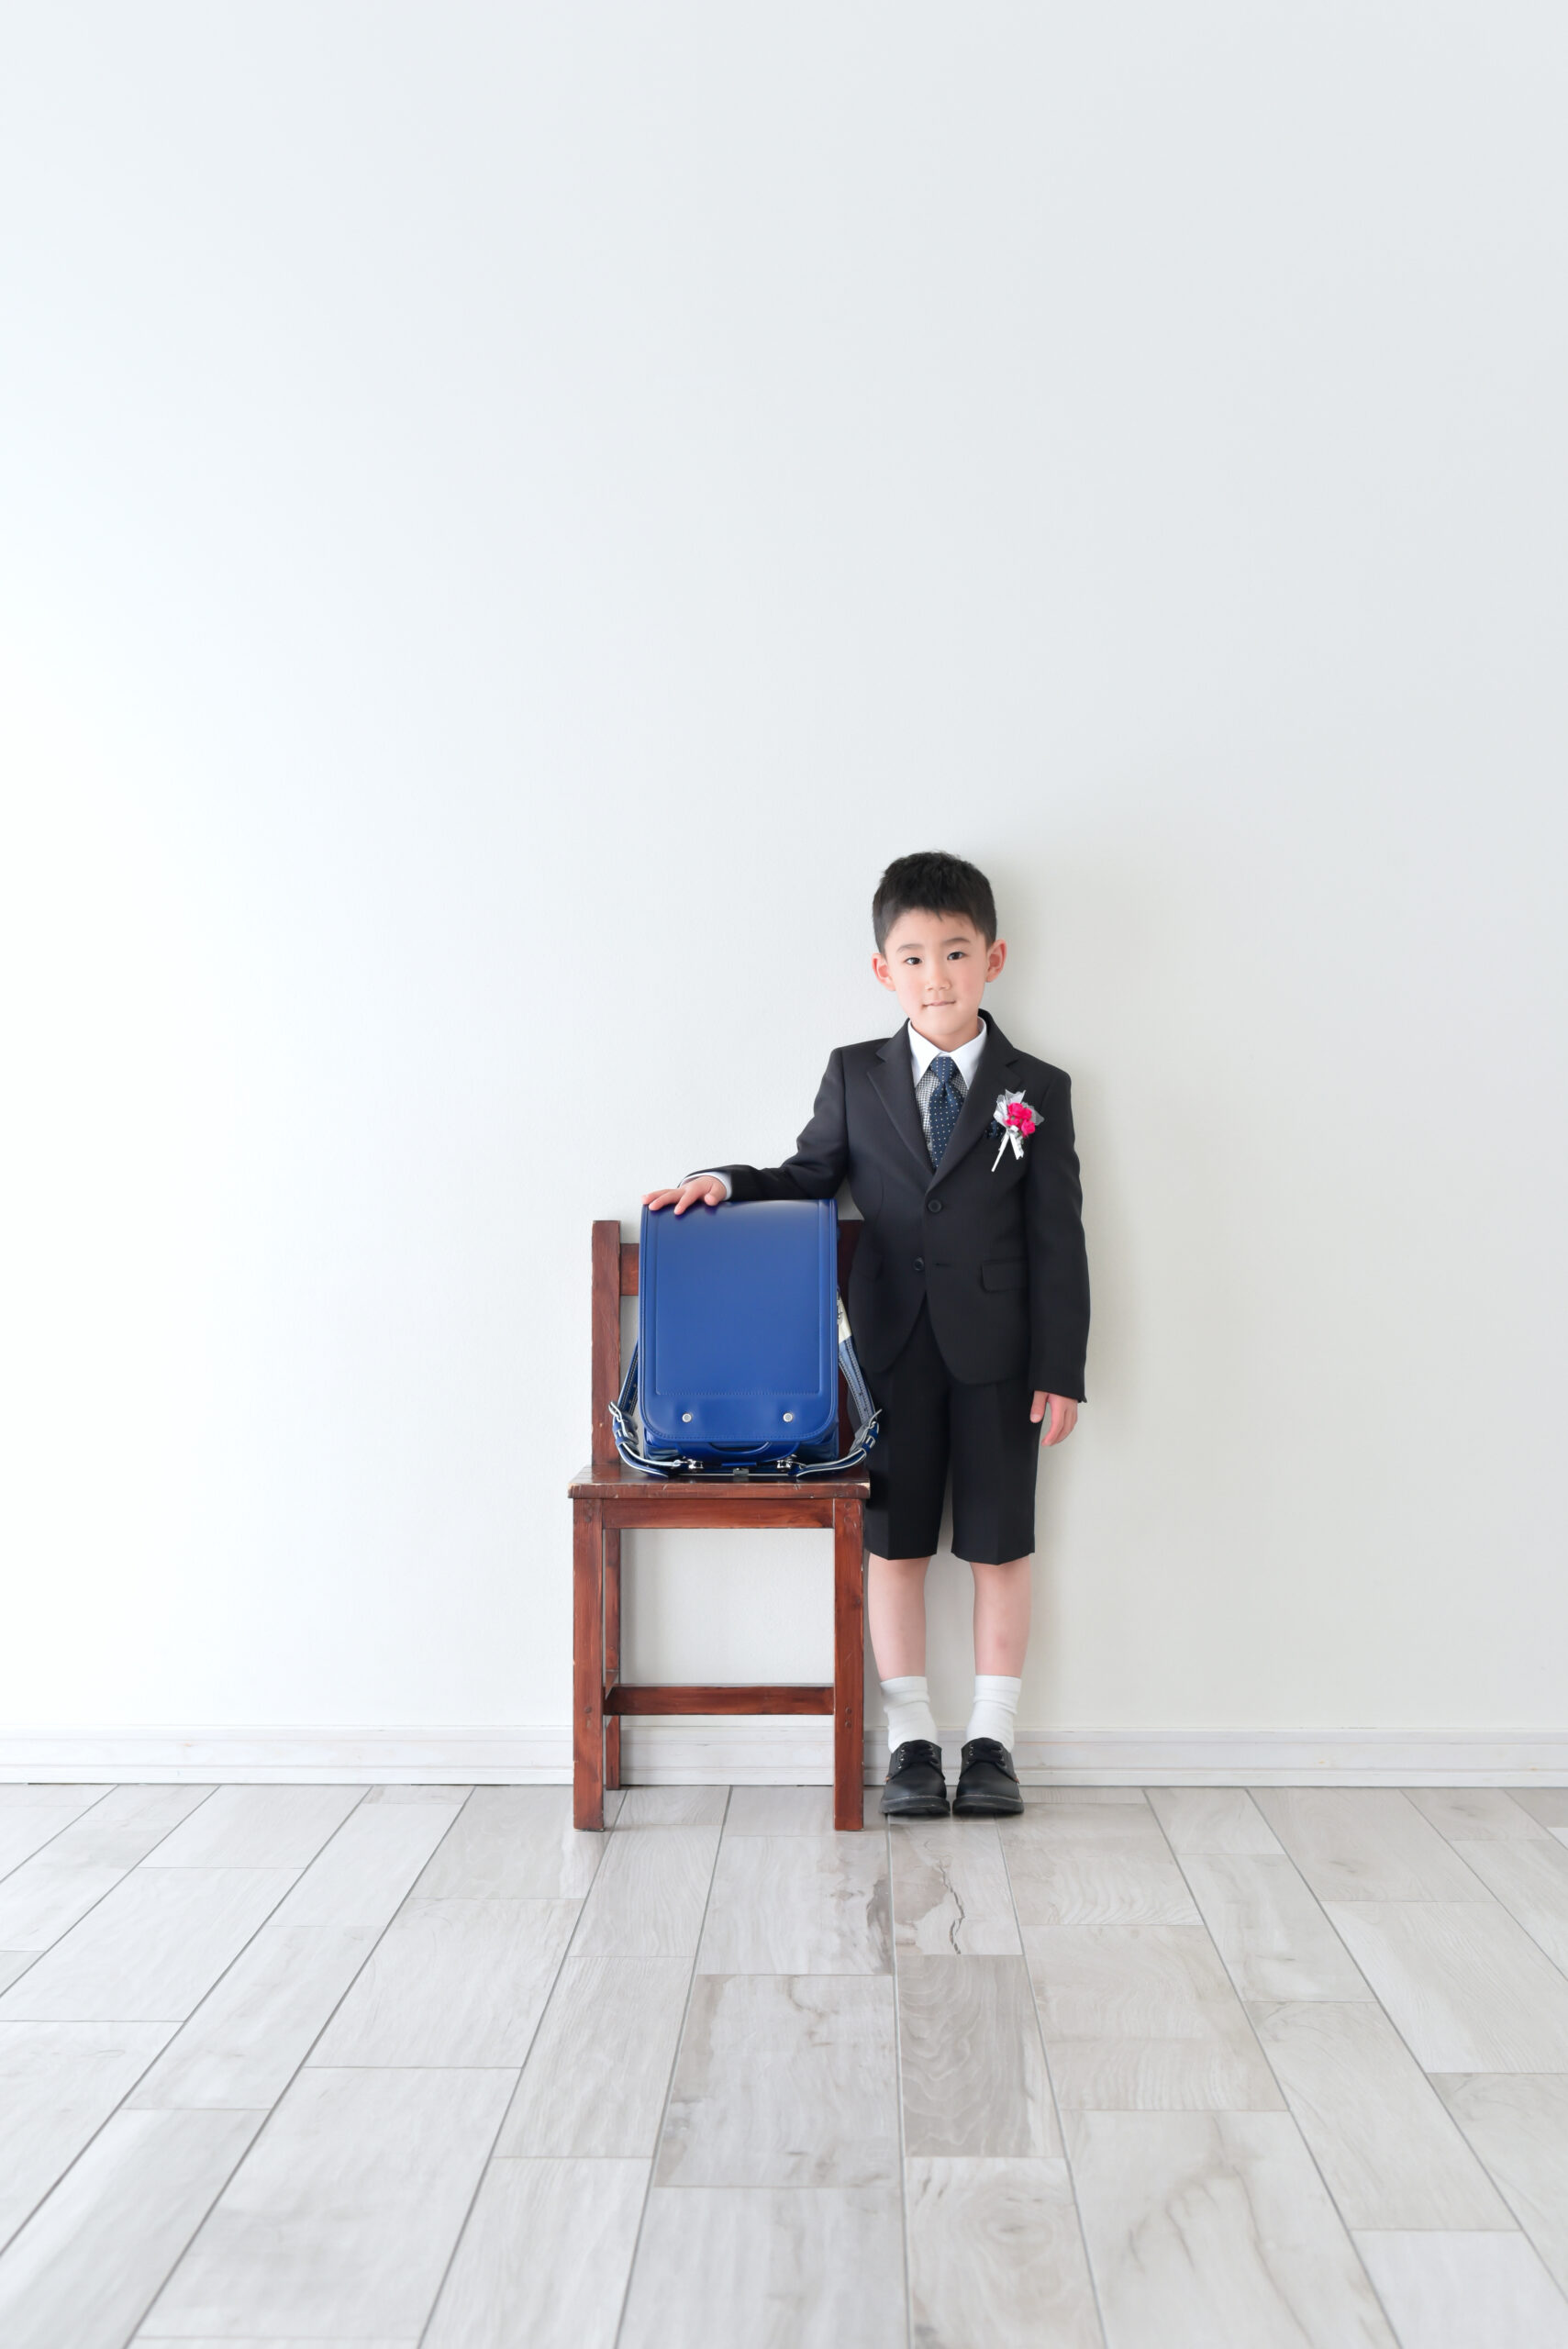 6歳男の子 小学校入学写真 ランドセルと写真 幼稚園卒業写真 おめでとう!